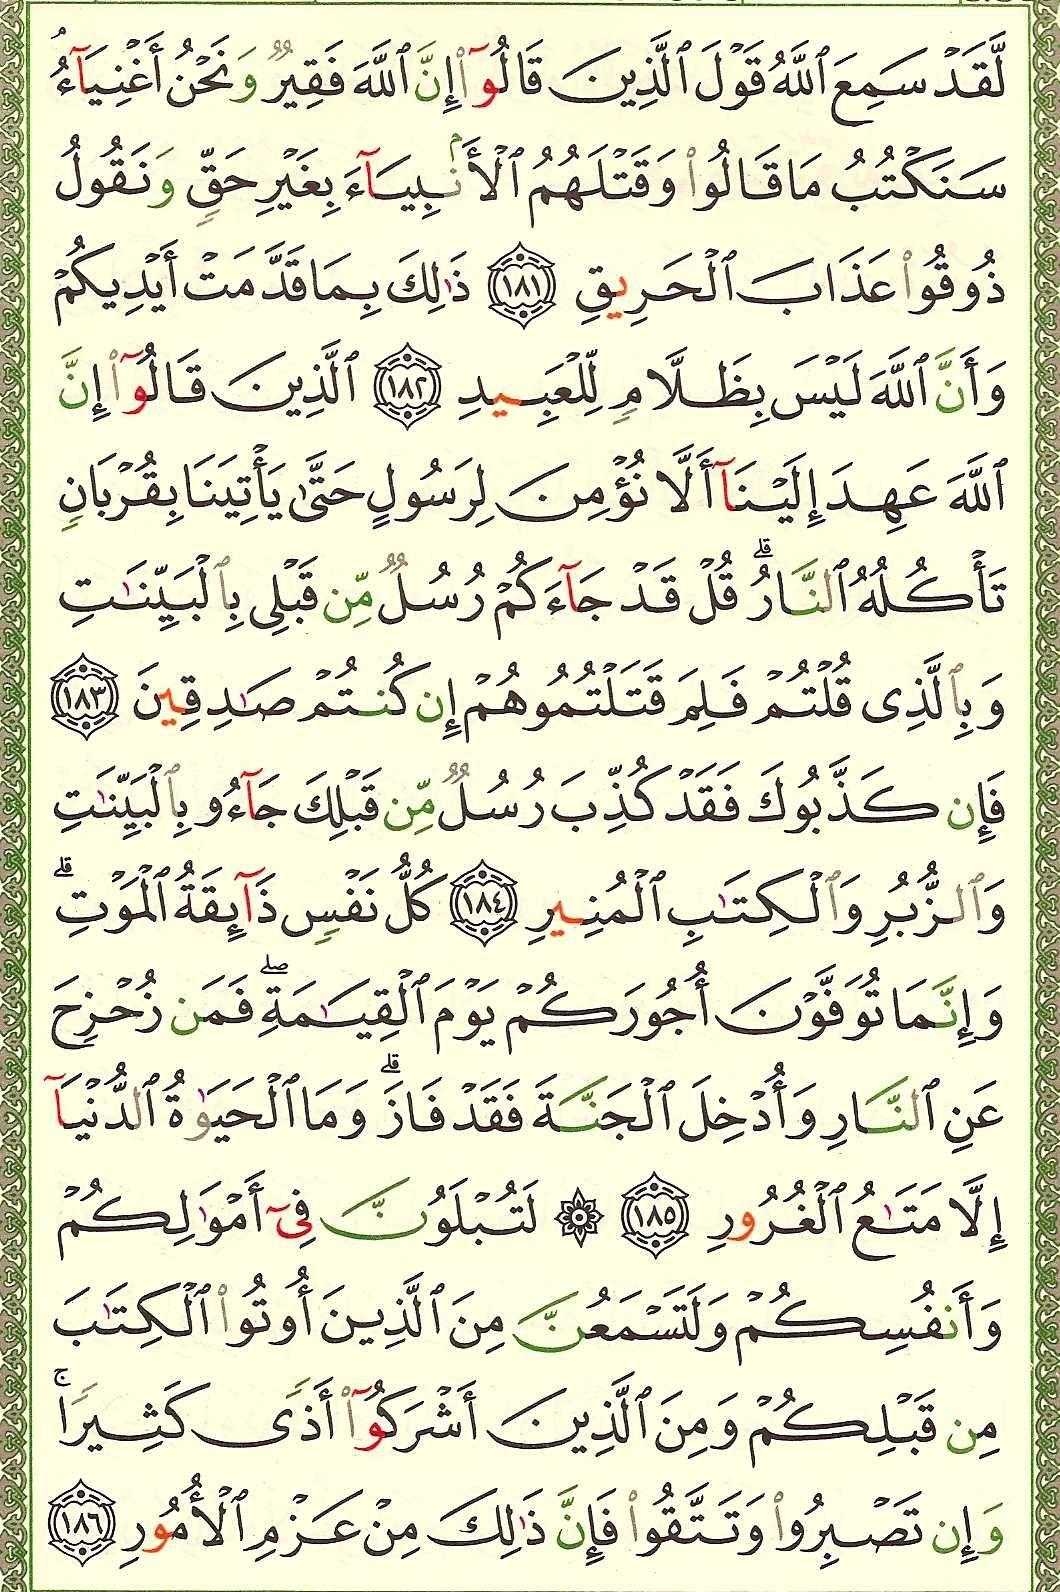 3. سورة آل عمران - Al-Imran مصورة من المصحف الشريف 074